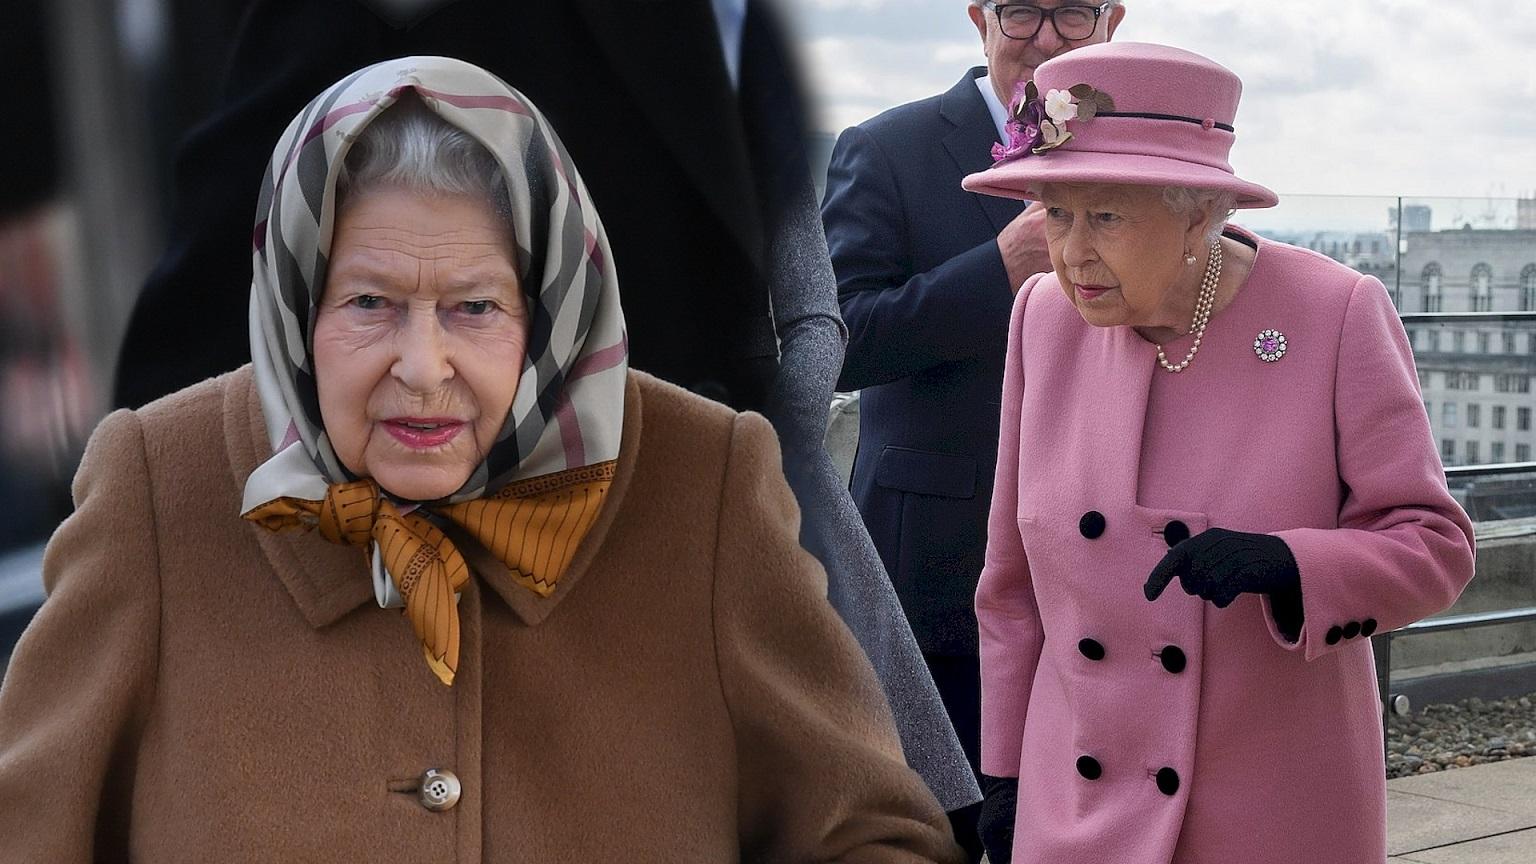 Dziwaczne wymogi rodziny królewskiej. Elżbieta II NIGDY nie wsiądzie bez tego do samolotu